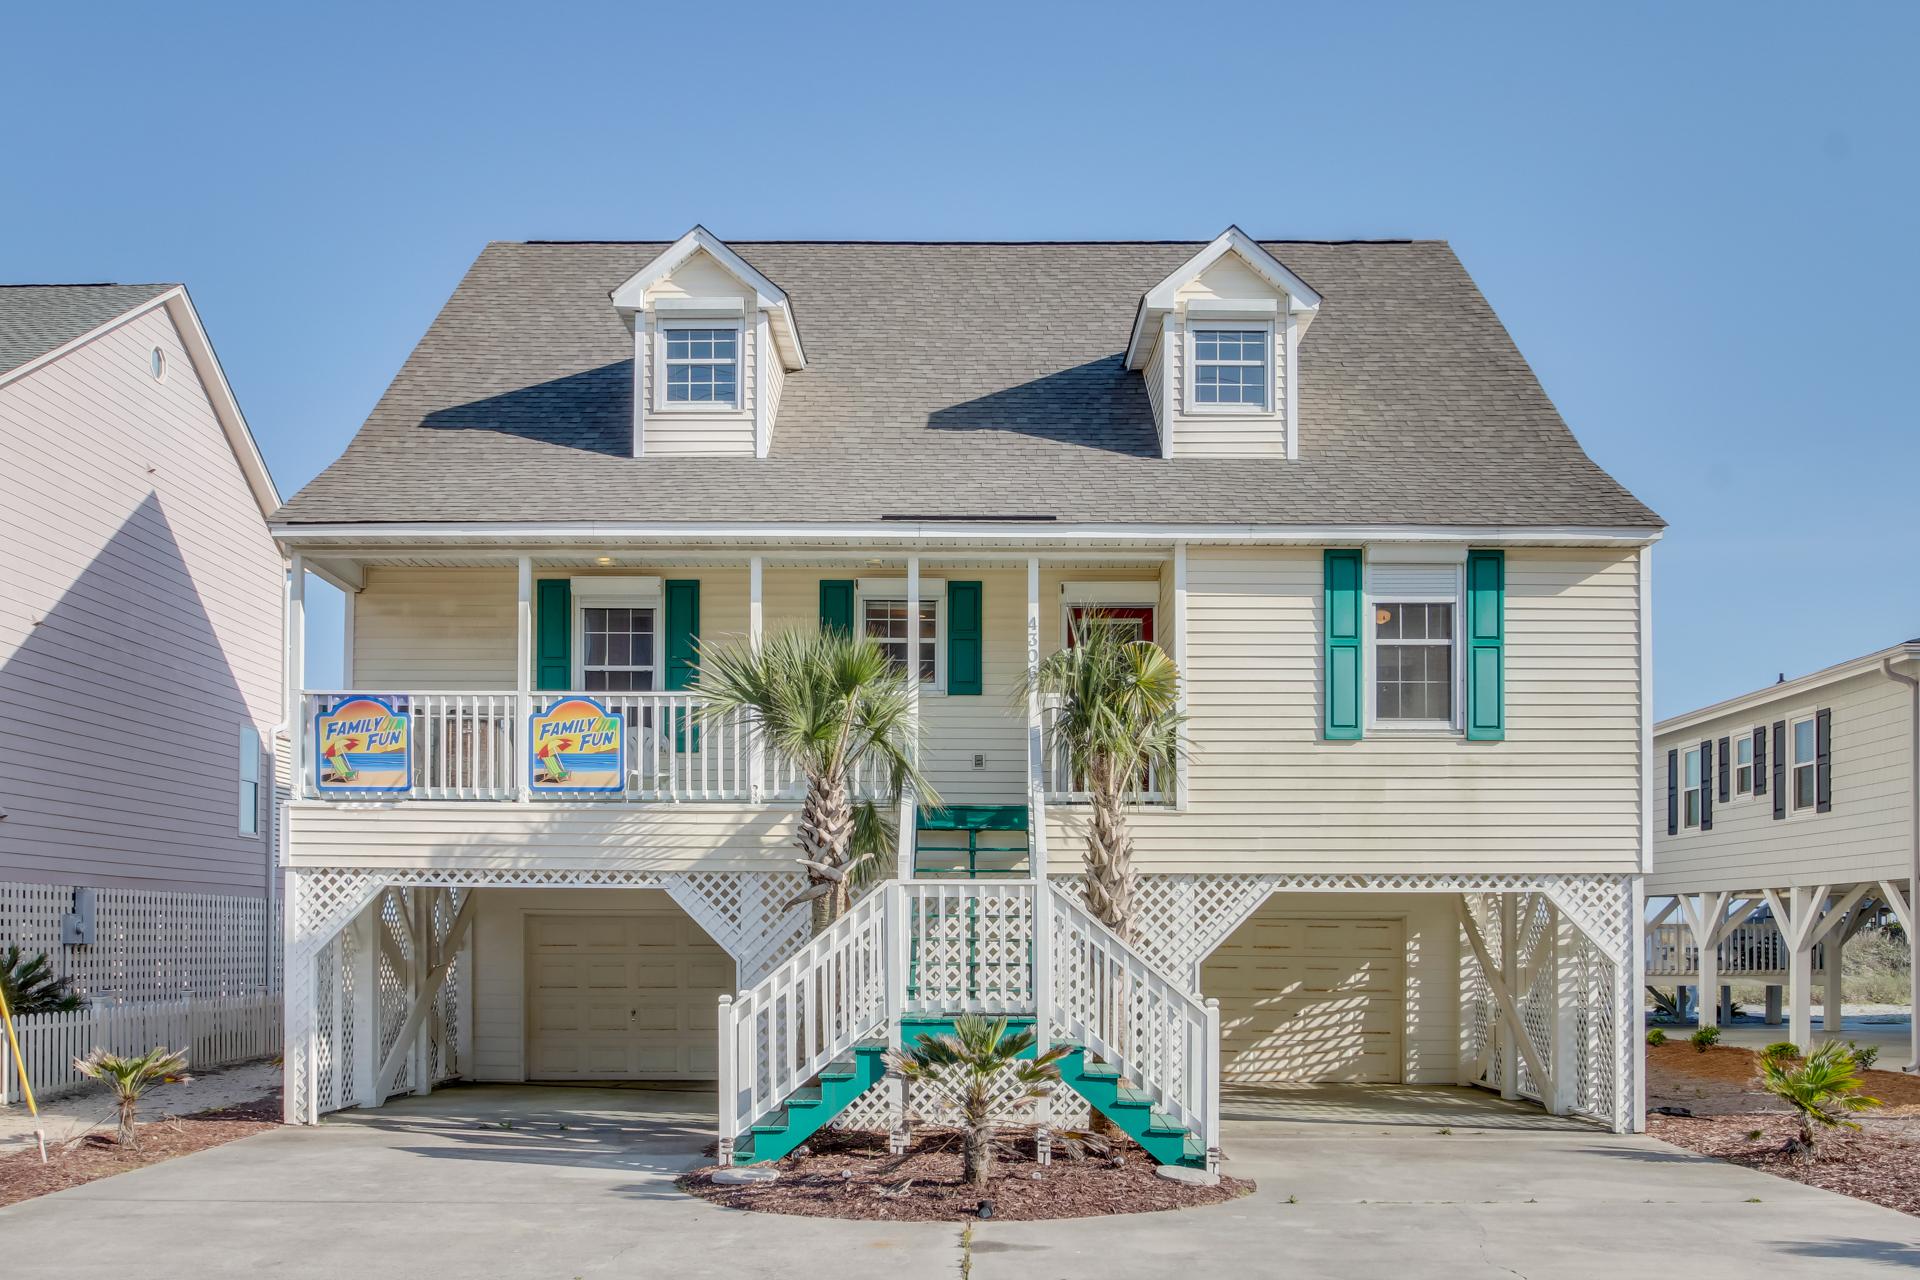 단독 가정 주택 용 매매 에 Surf and Sand 4306 N Ocean North Myrtle Beach, 사우스캐놀라이나, 29582 미국